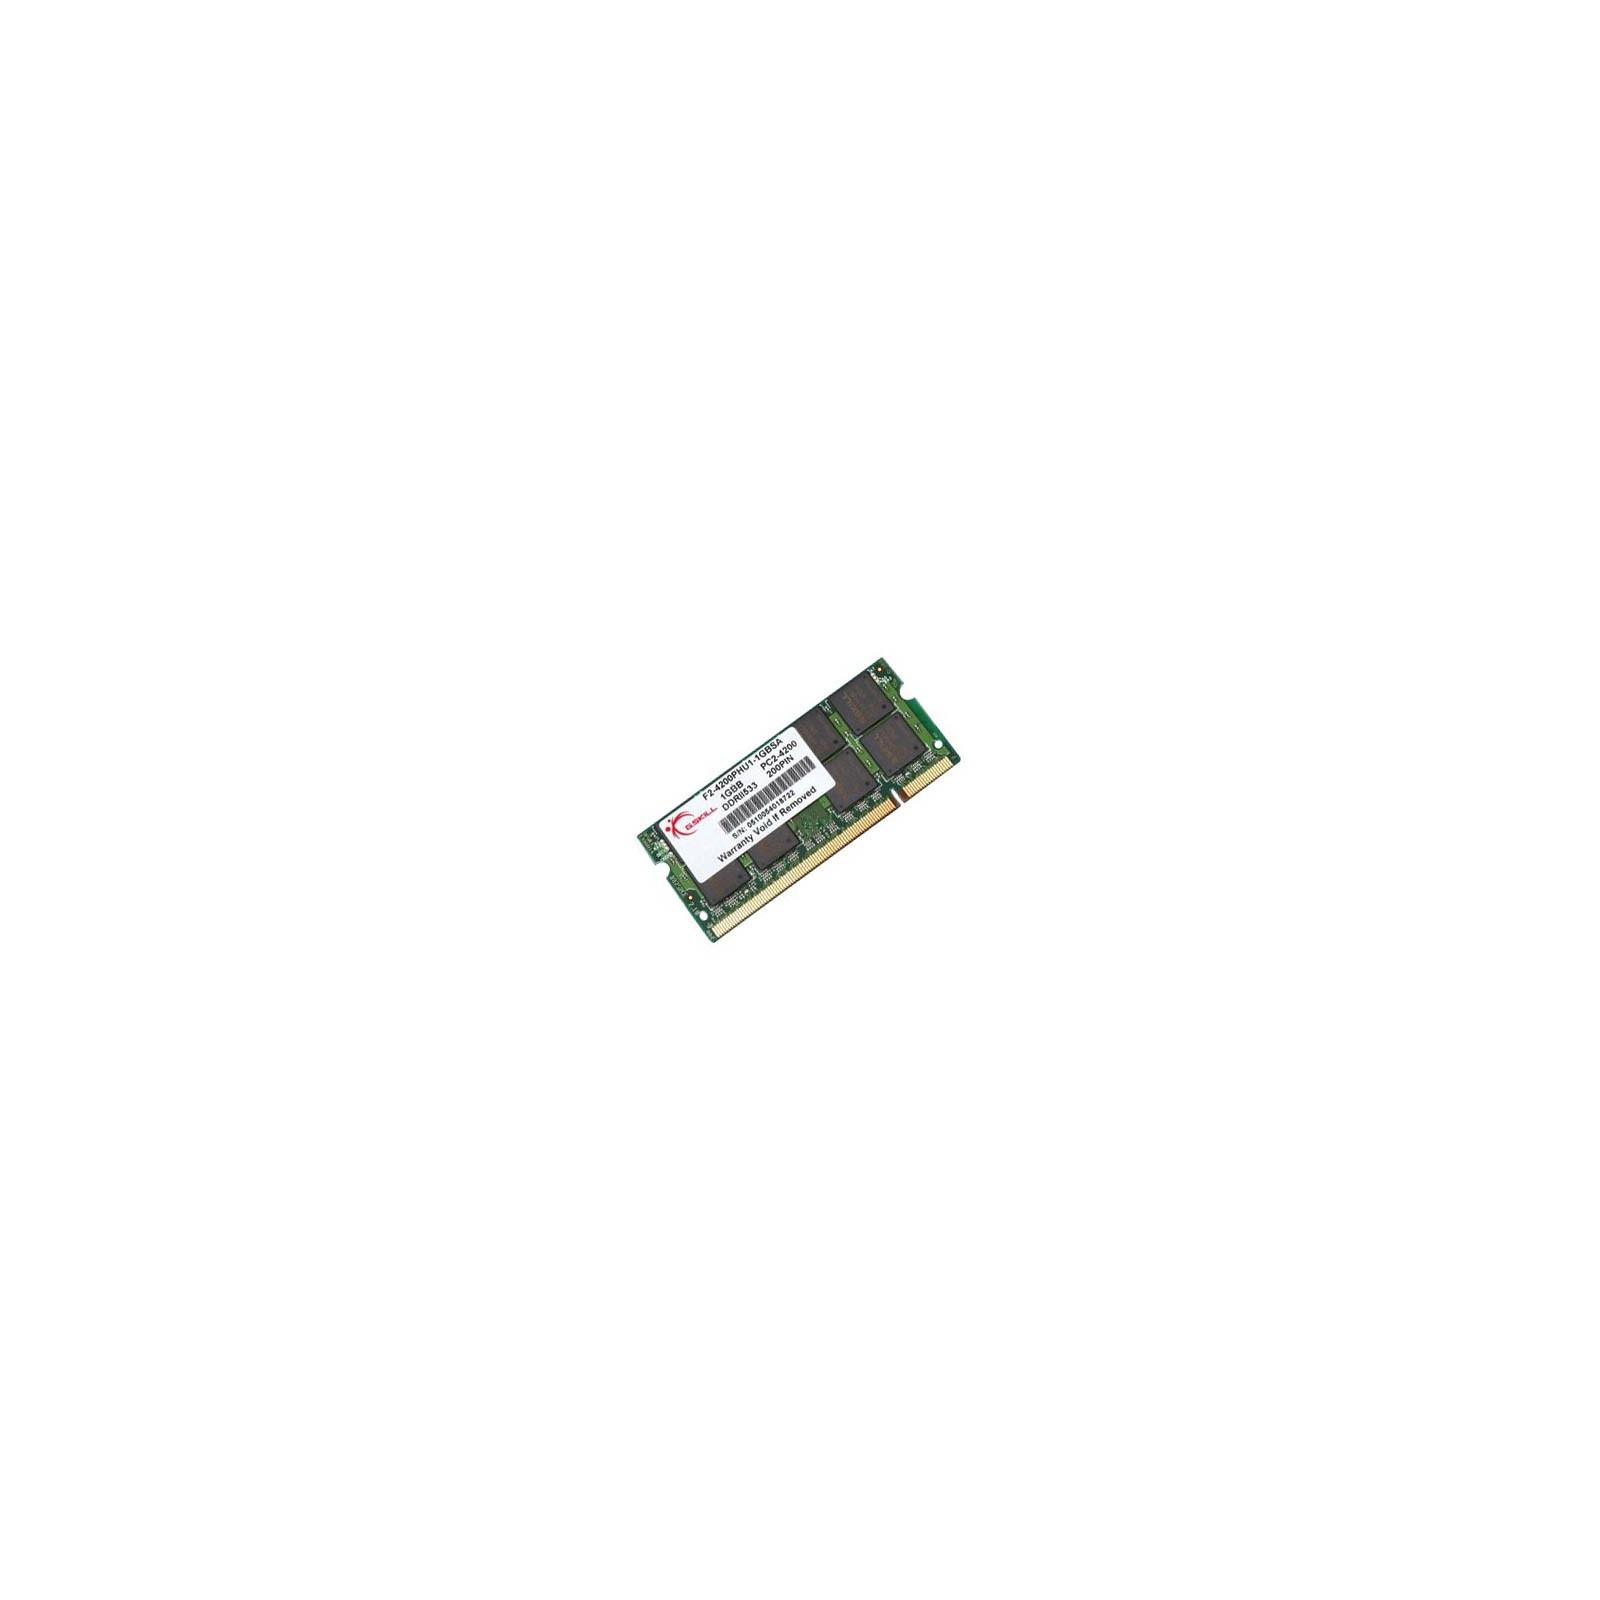 Модуль памяти для ноутбука SoDIMM DDR2 1GB 533 MHz G.Skill (F2-4200PHU1-1GBSA)